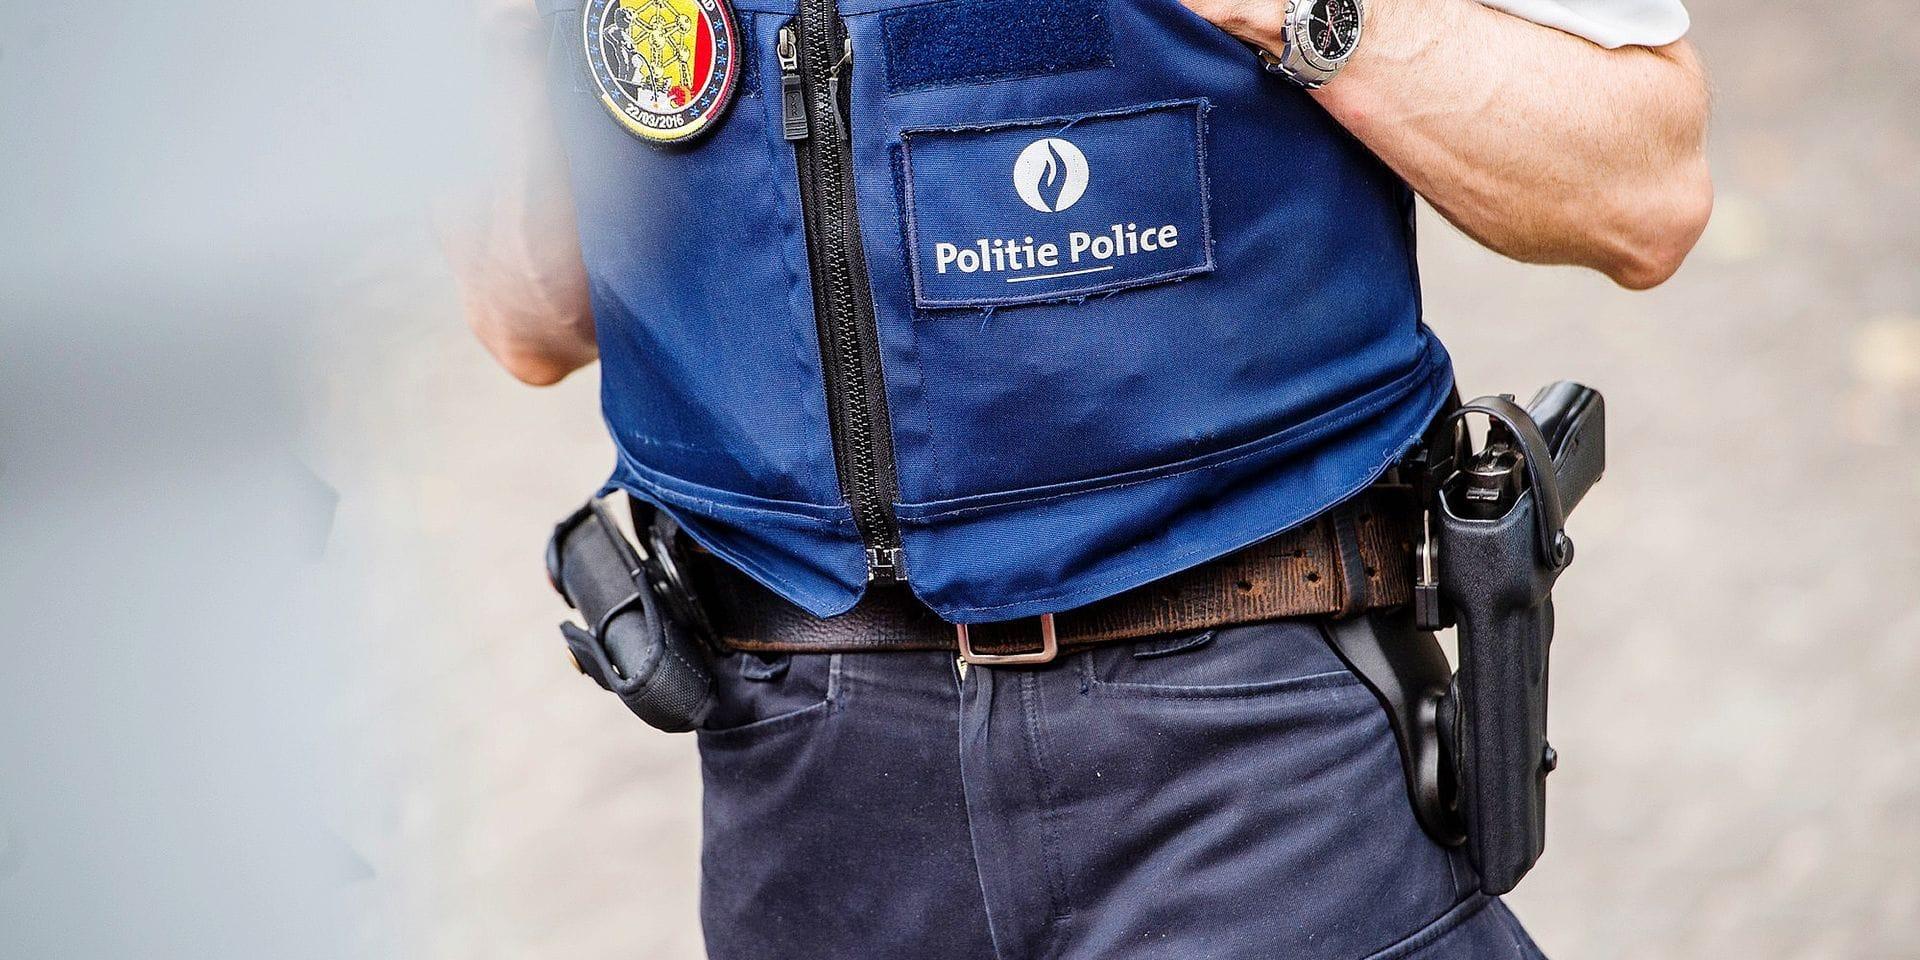 Hannut : arrêté pour rébellion envers les policiers